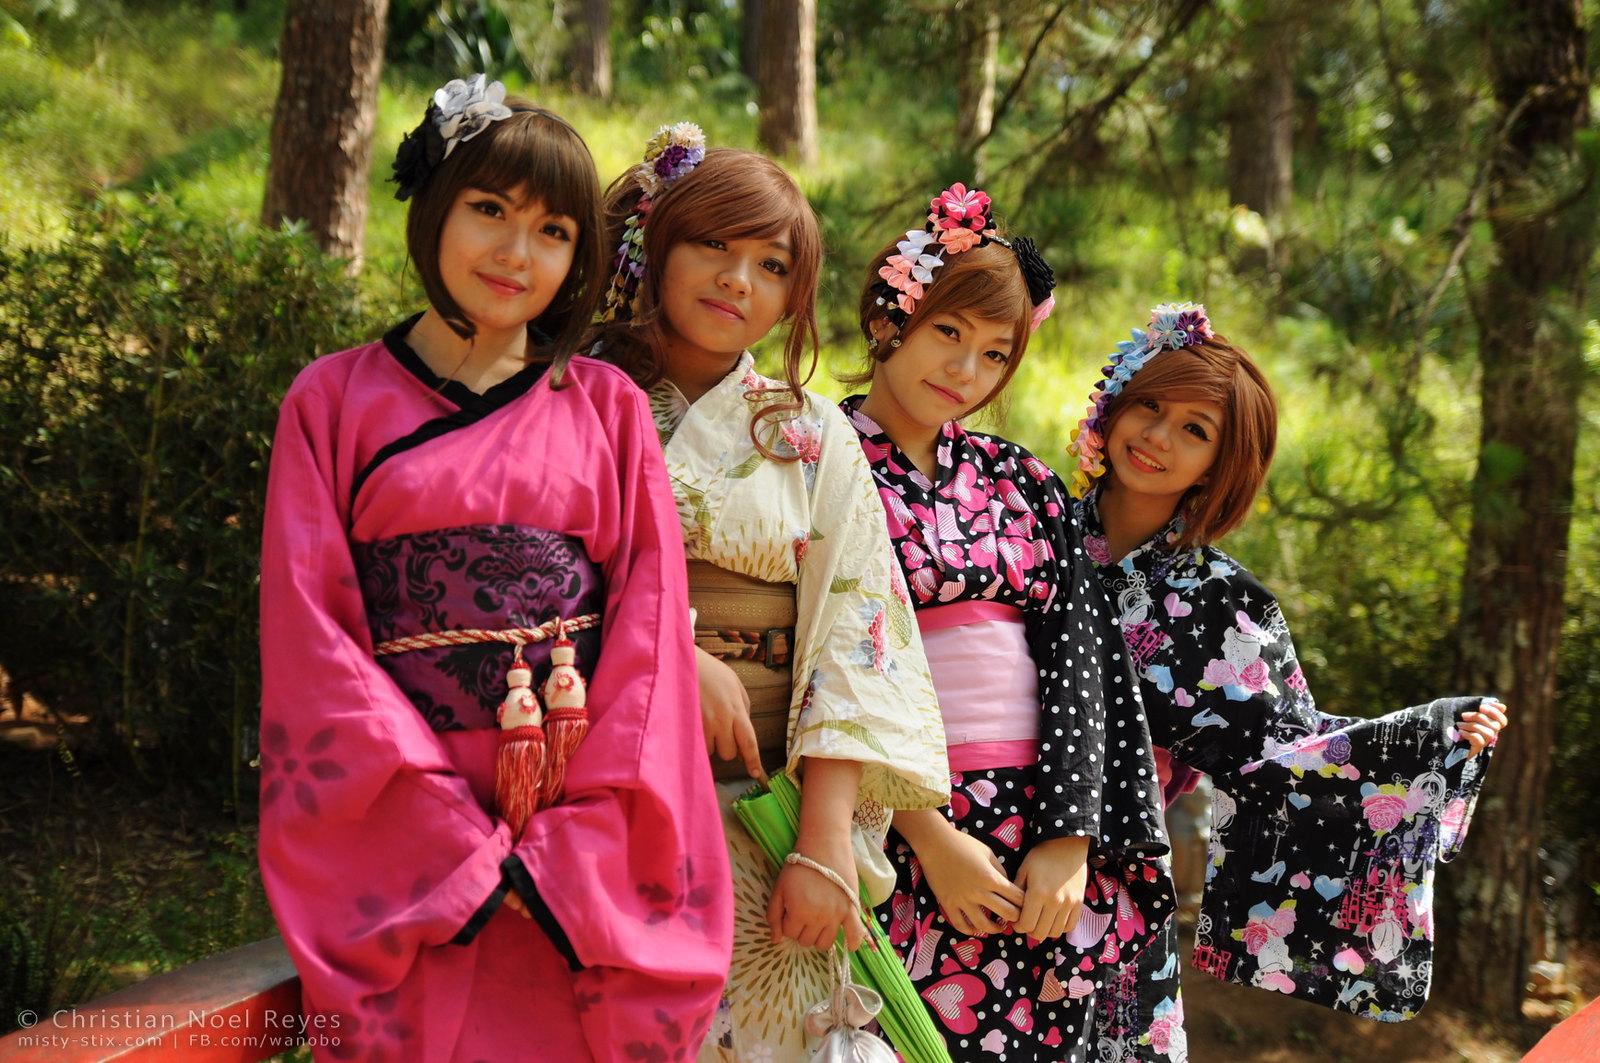 Yukata - Japanese Garment